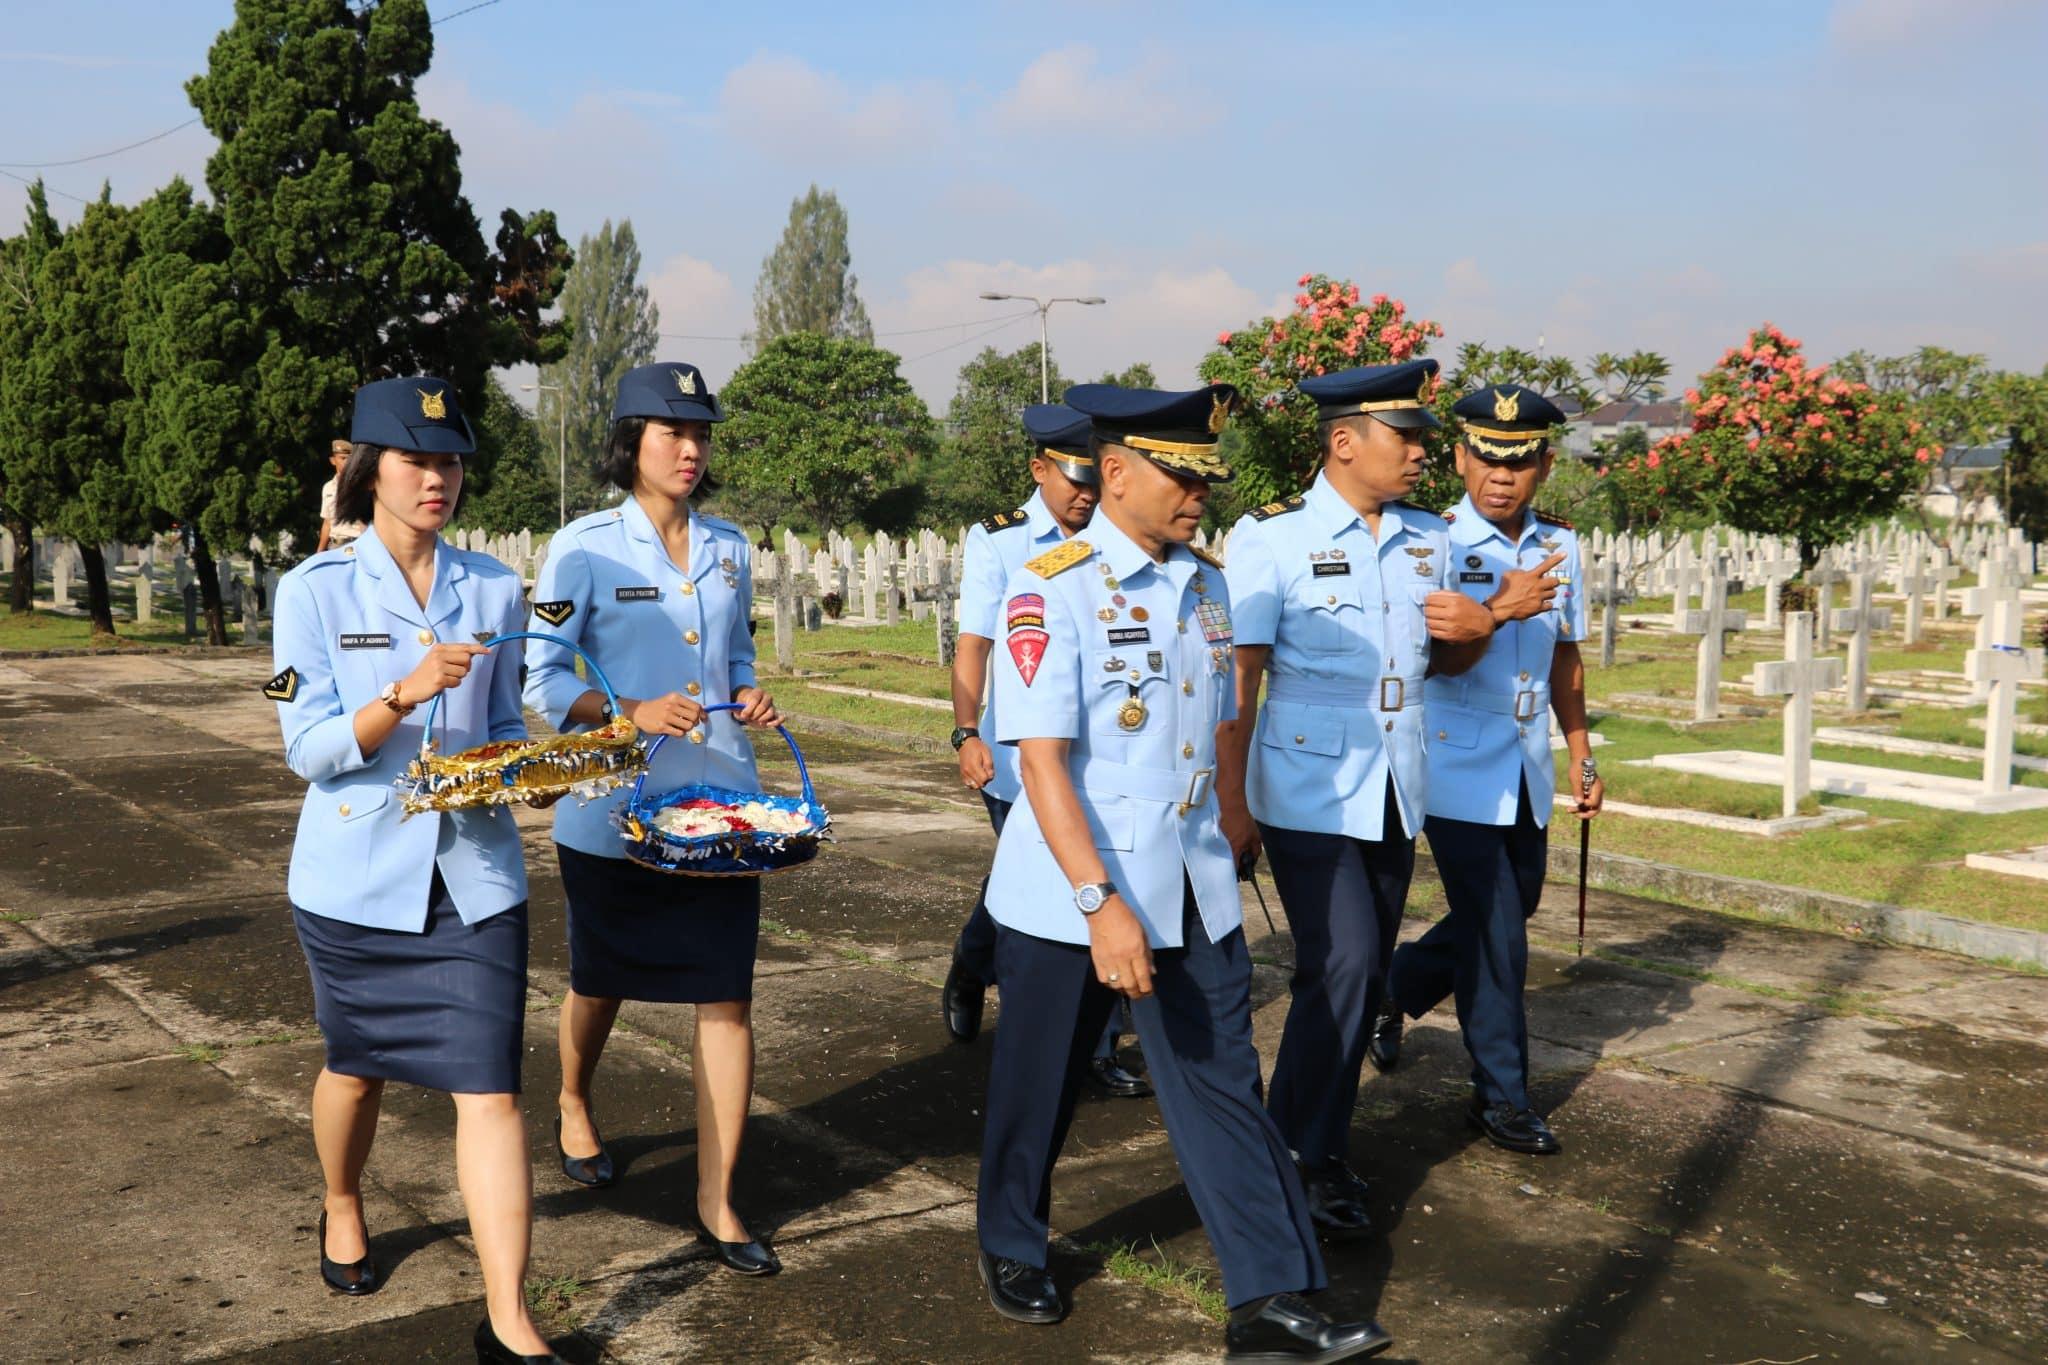 Ziarah HUT Ke-73 TNI AU di TMP Cikutra Bandung